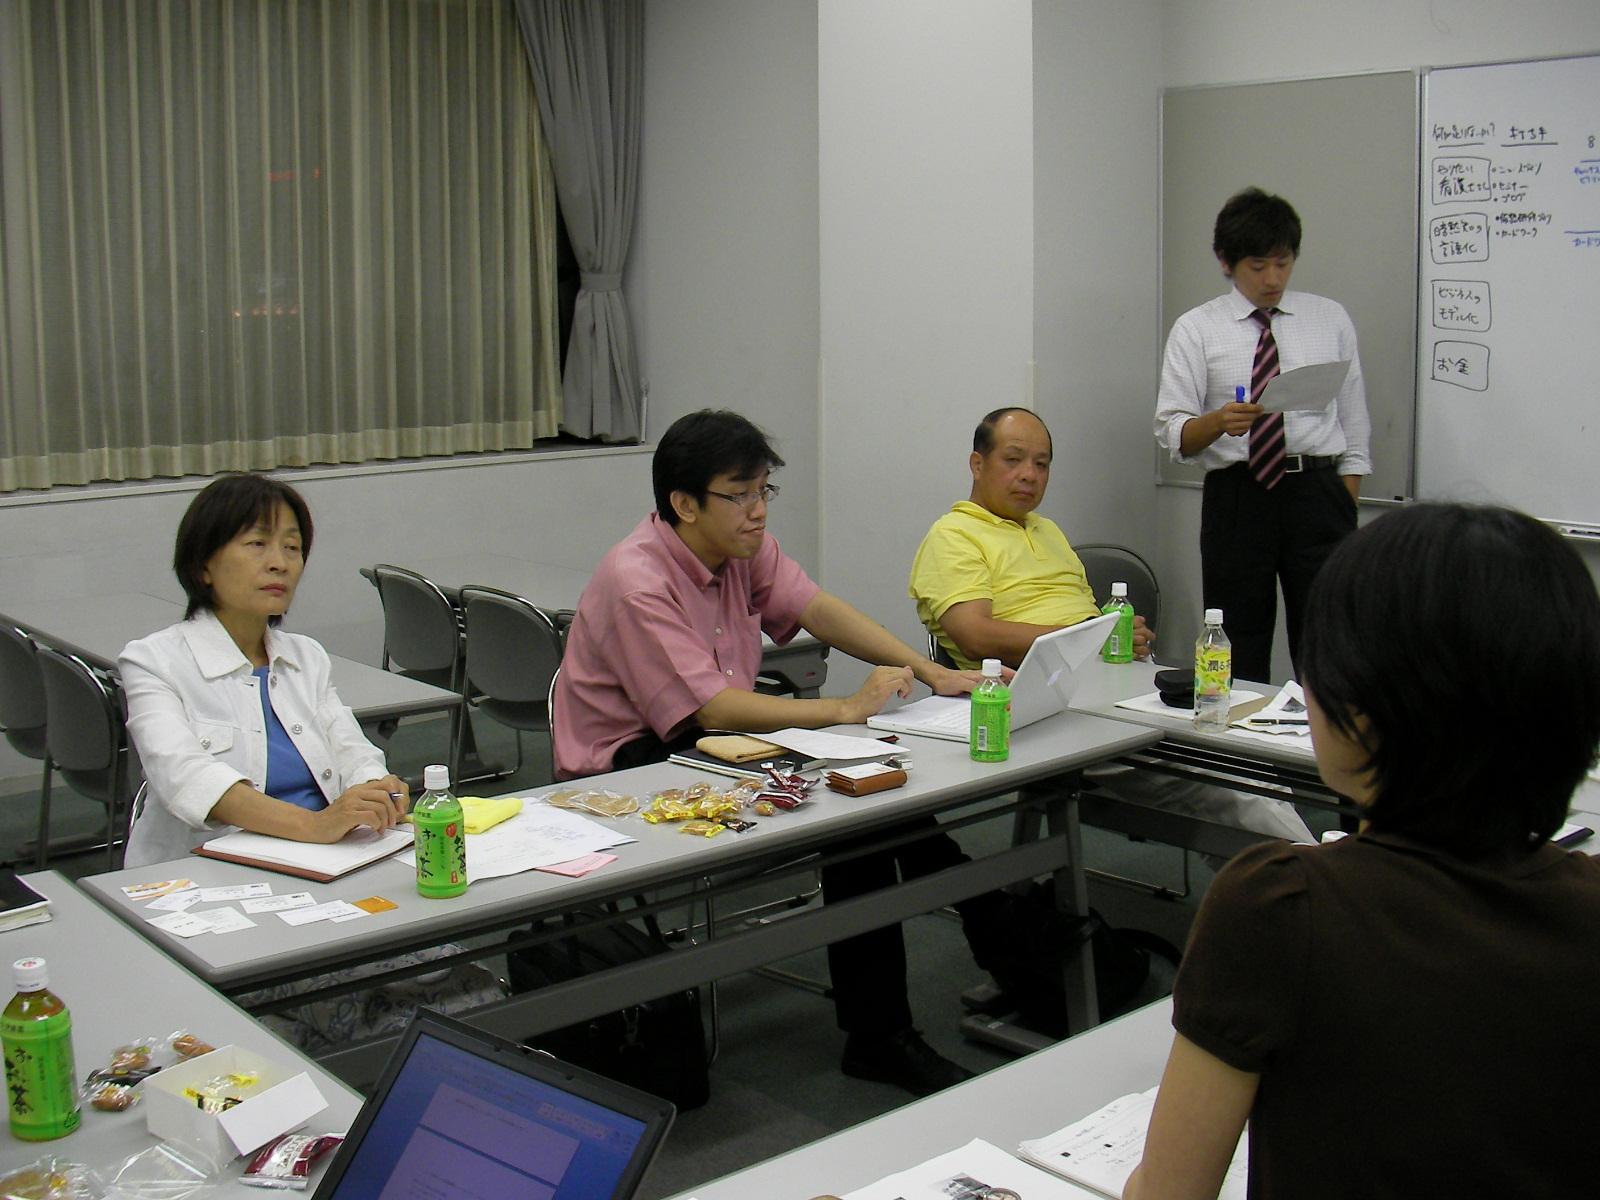 ヘアサプライピア第一回戦略会議